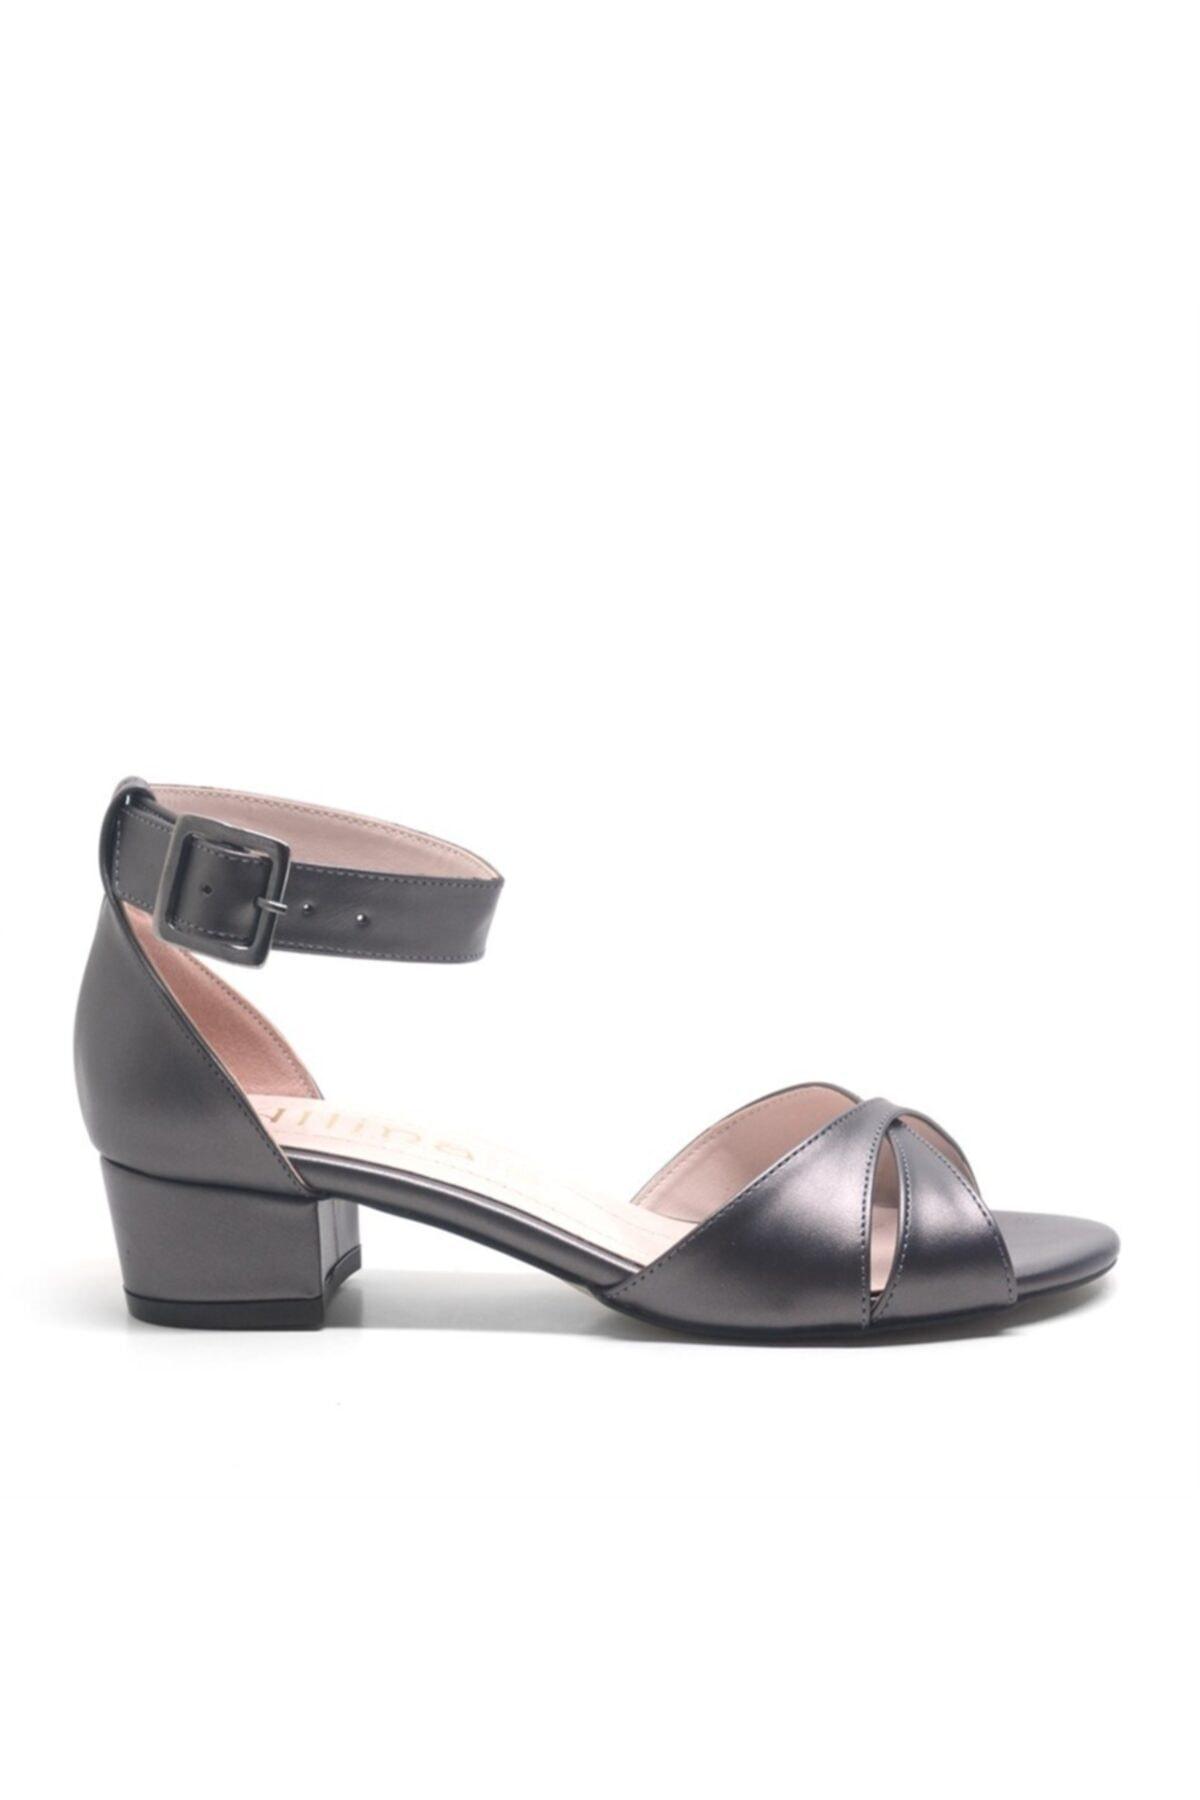 ALLİNA Füme Bilek Bantlı Alçak Topuk Kadın Ayakkabı 2